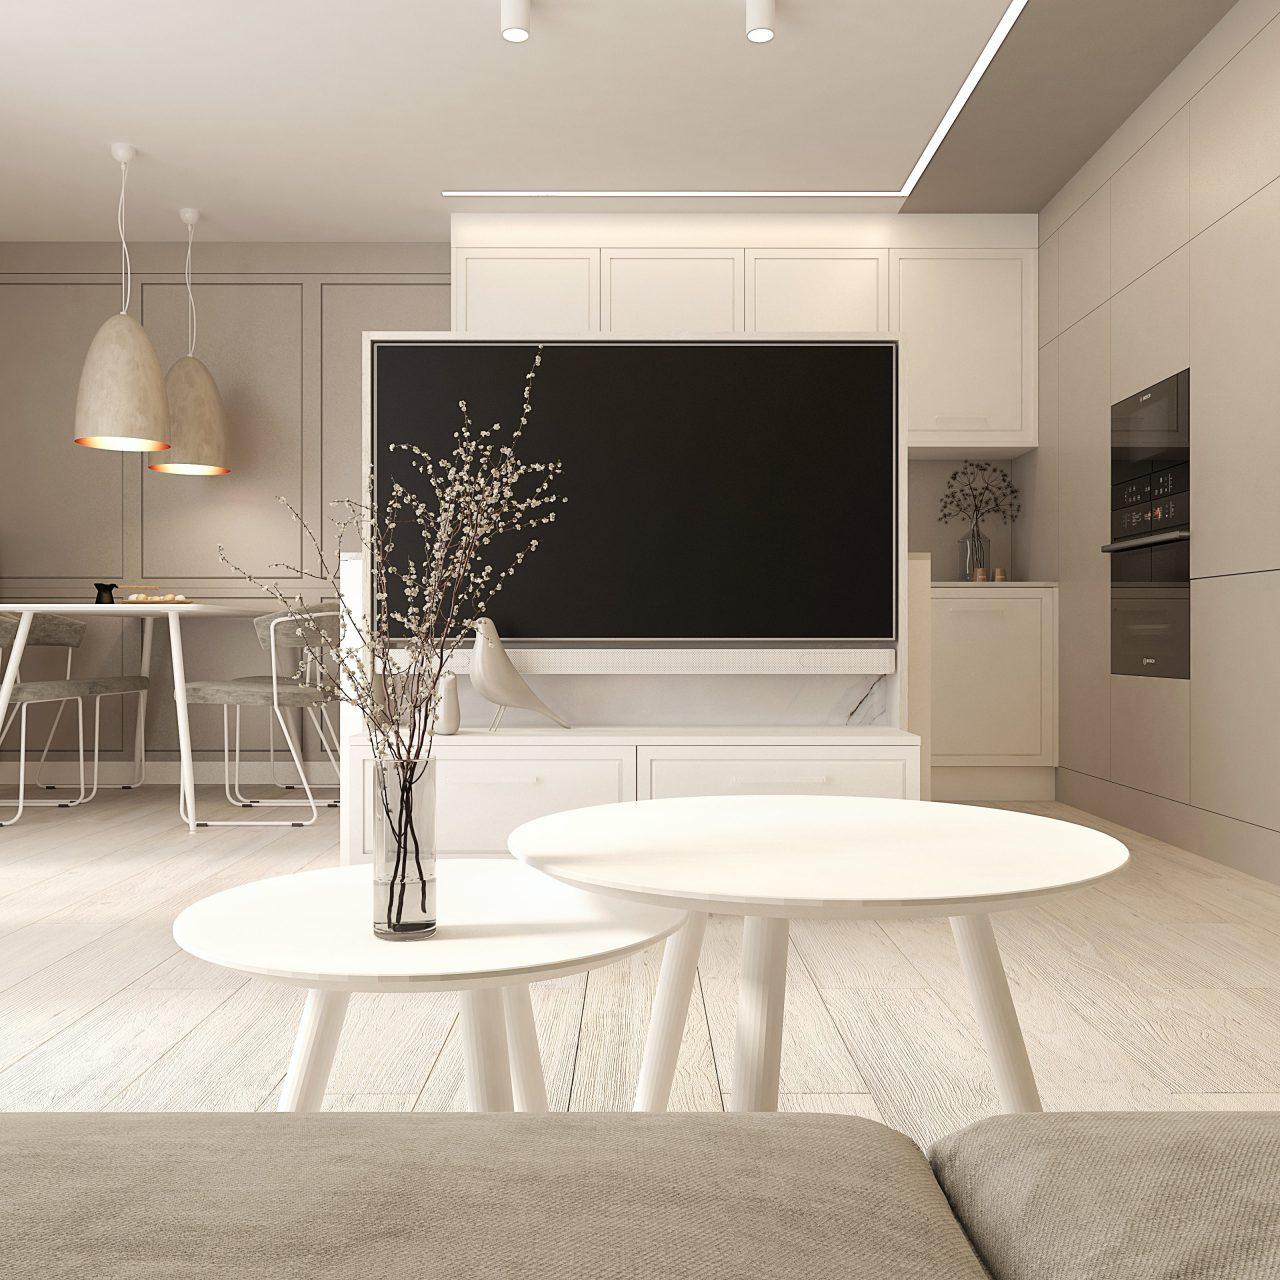 projekt wnętrza w stylu nowoczesnym | Rzeszów